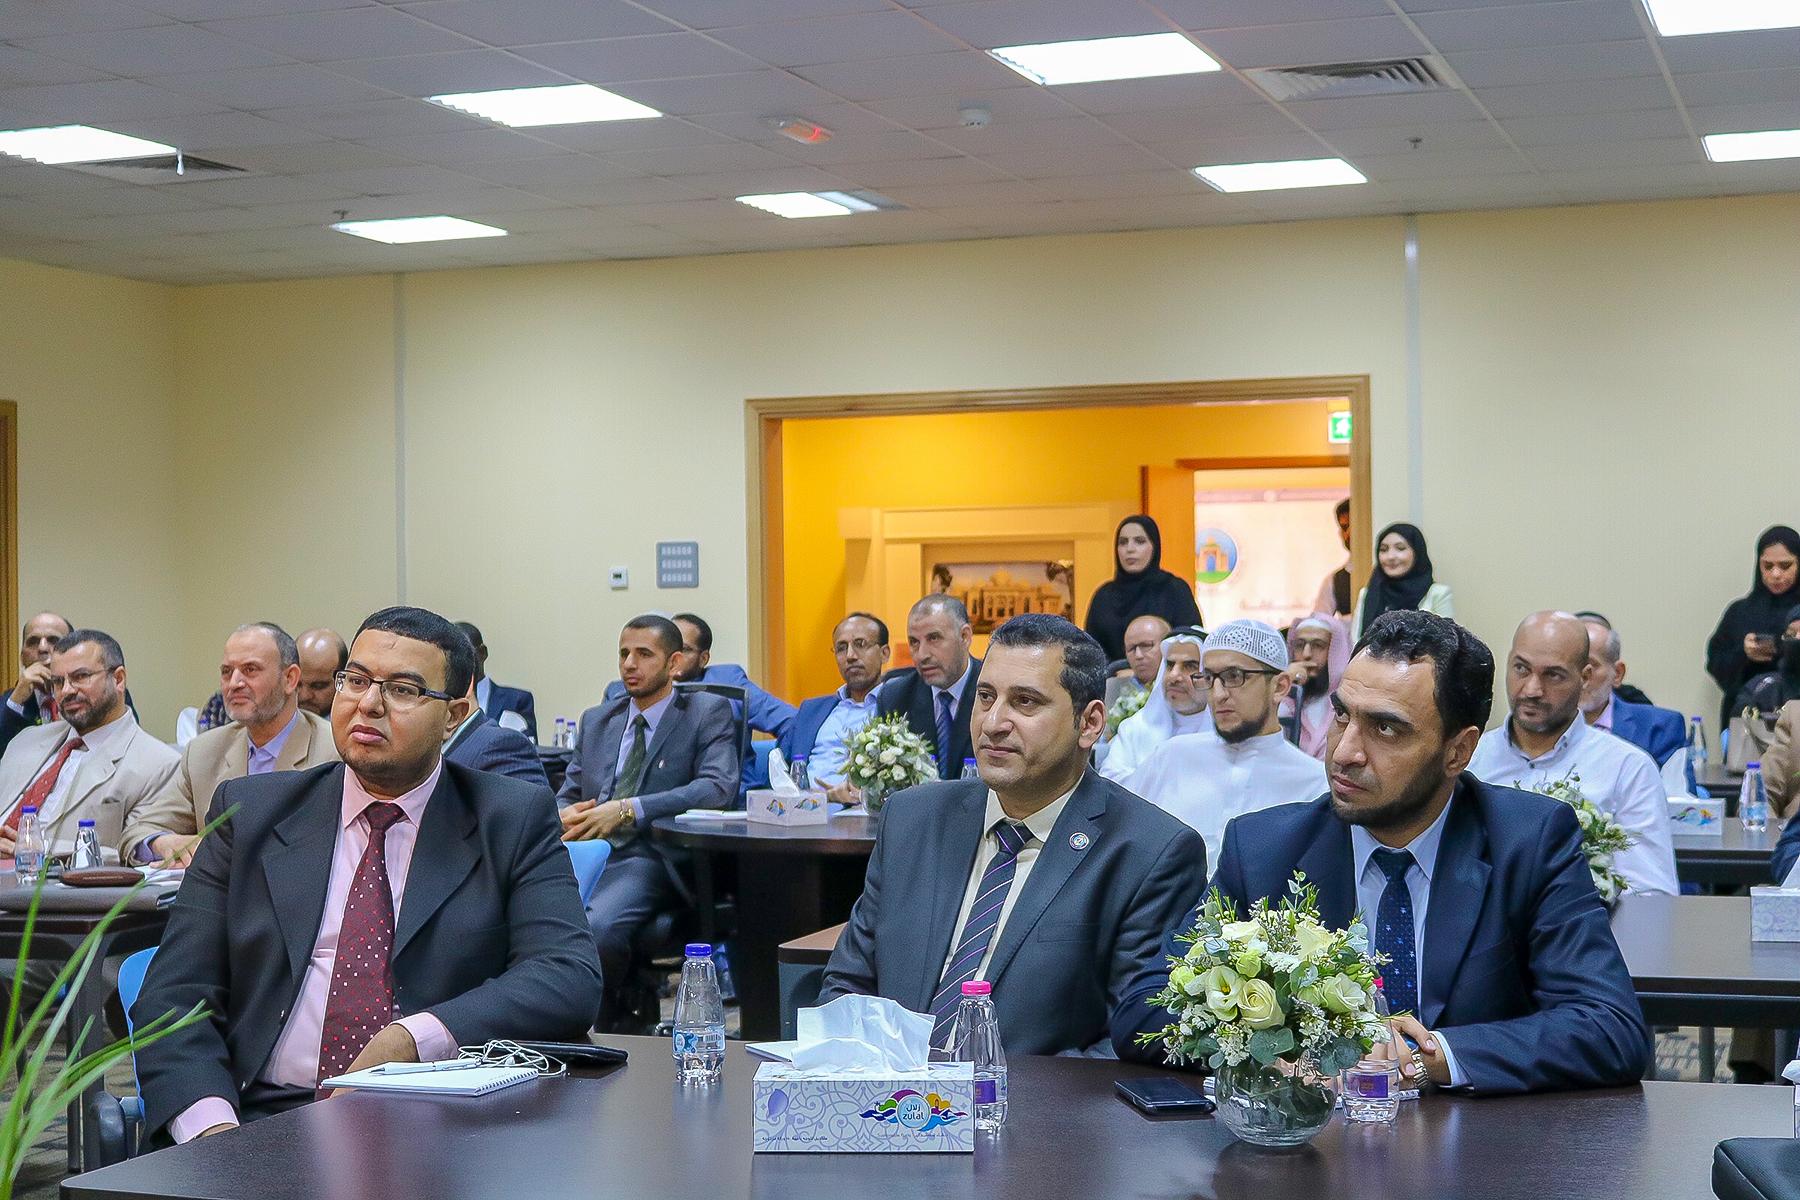 صورة للمشاركين فى الدورة التدريبية